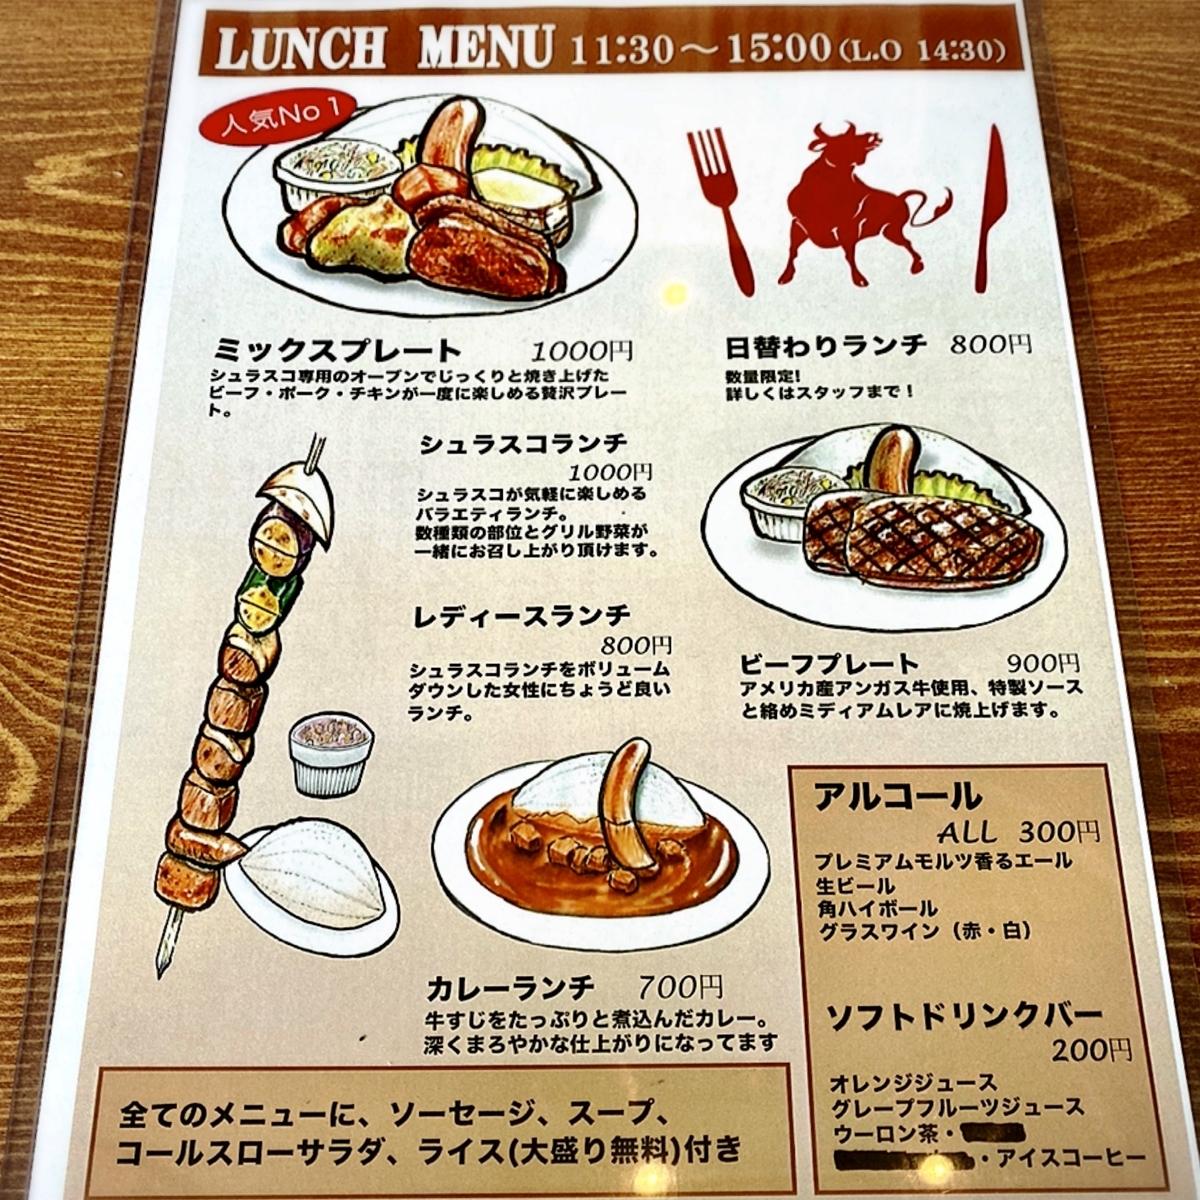 「シェラスコレストランALEGRIA 吉祥寺」のランチメニューと値段